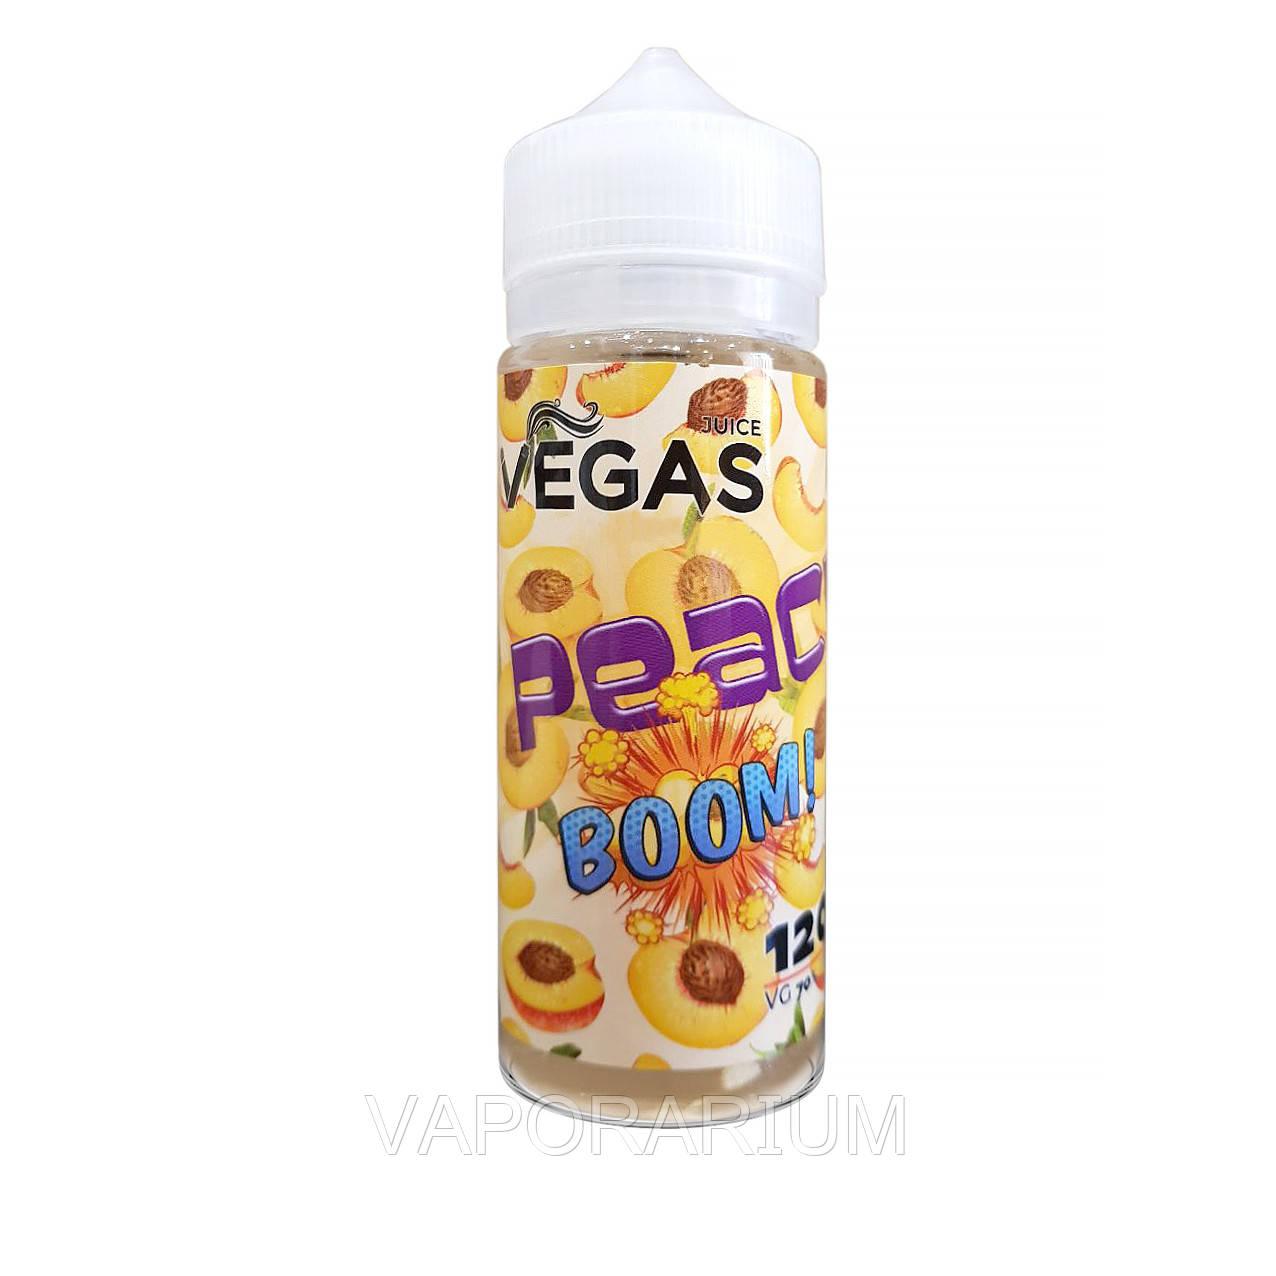 Жидкость для электронных сигарет Vegas Peach Boom 3 мг 120 мл